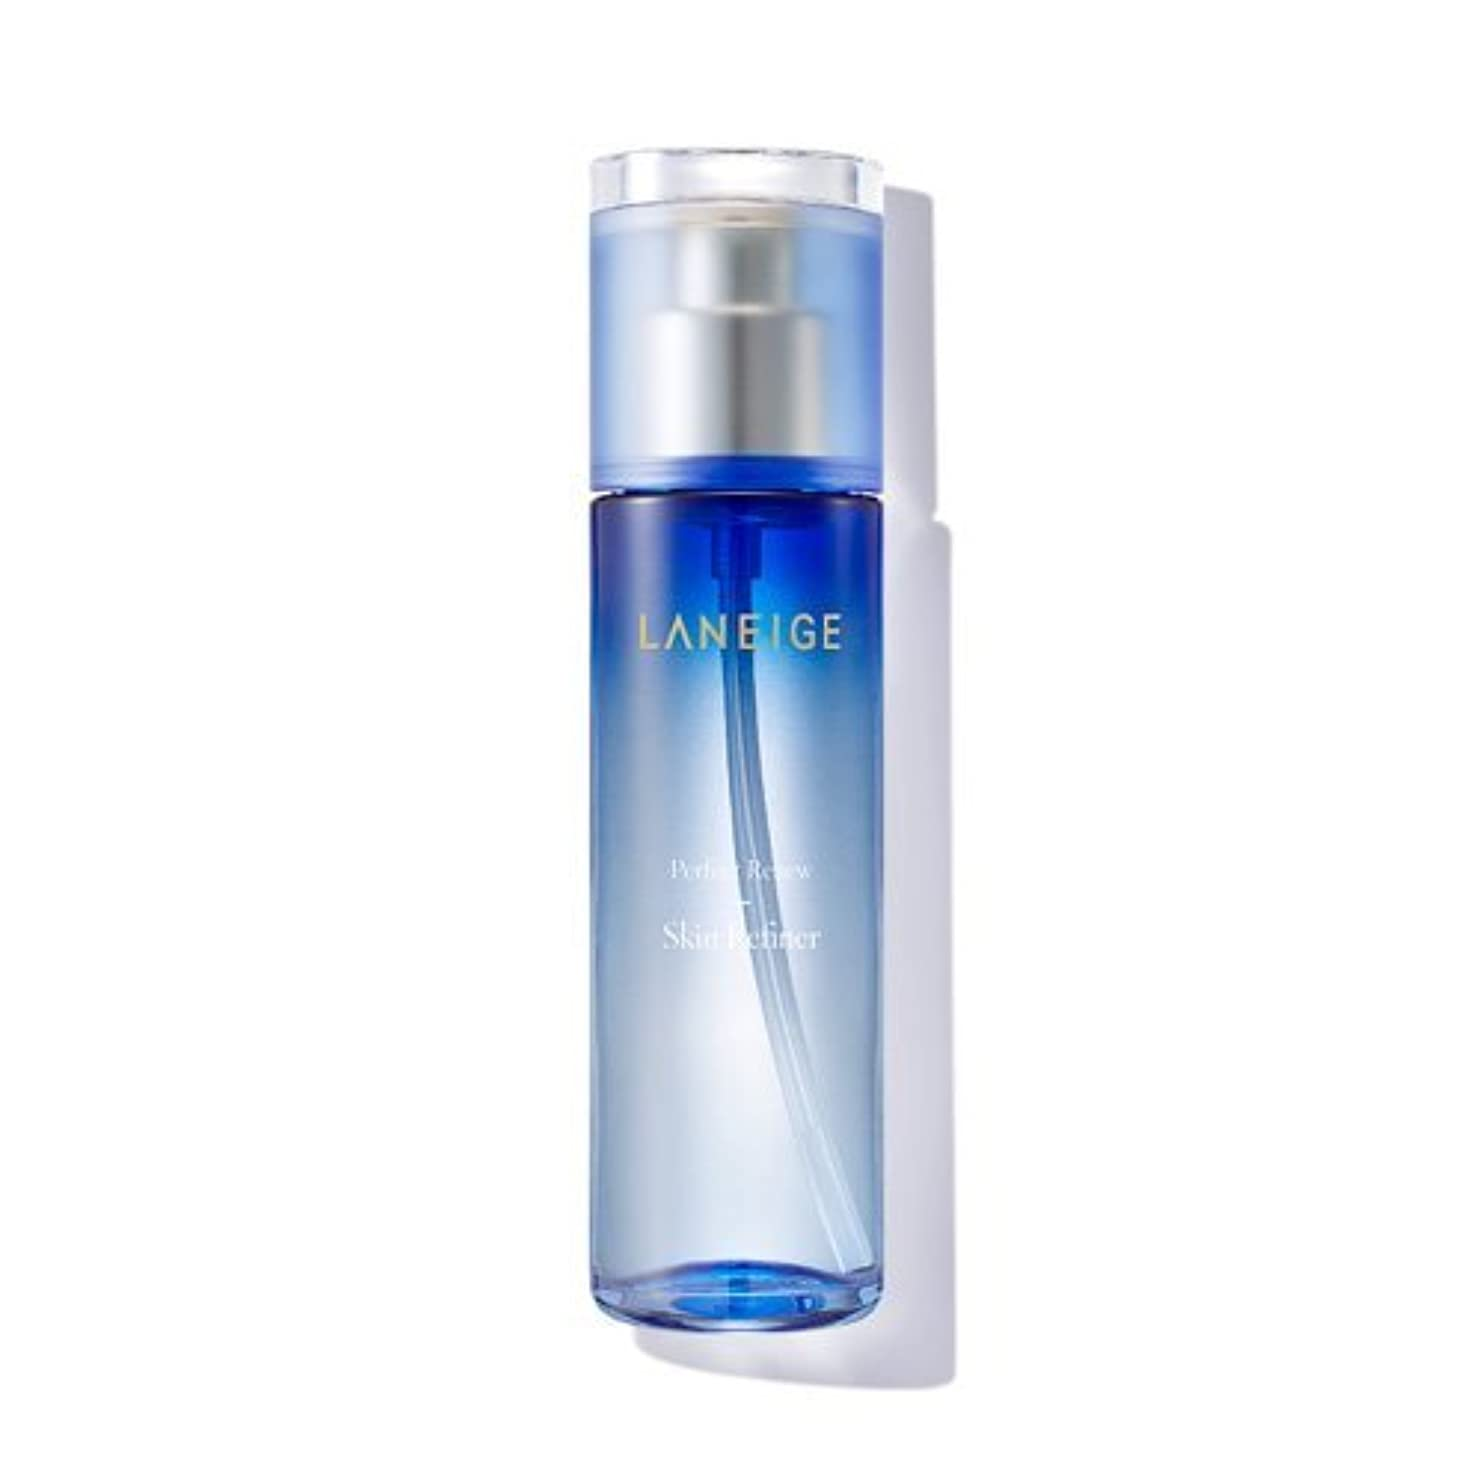 正確さダイヤルウールLaneige Perfect Renew Skin Refiner 120ml